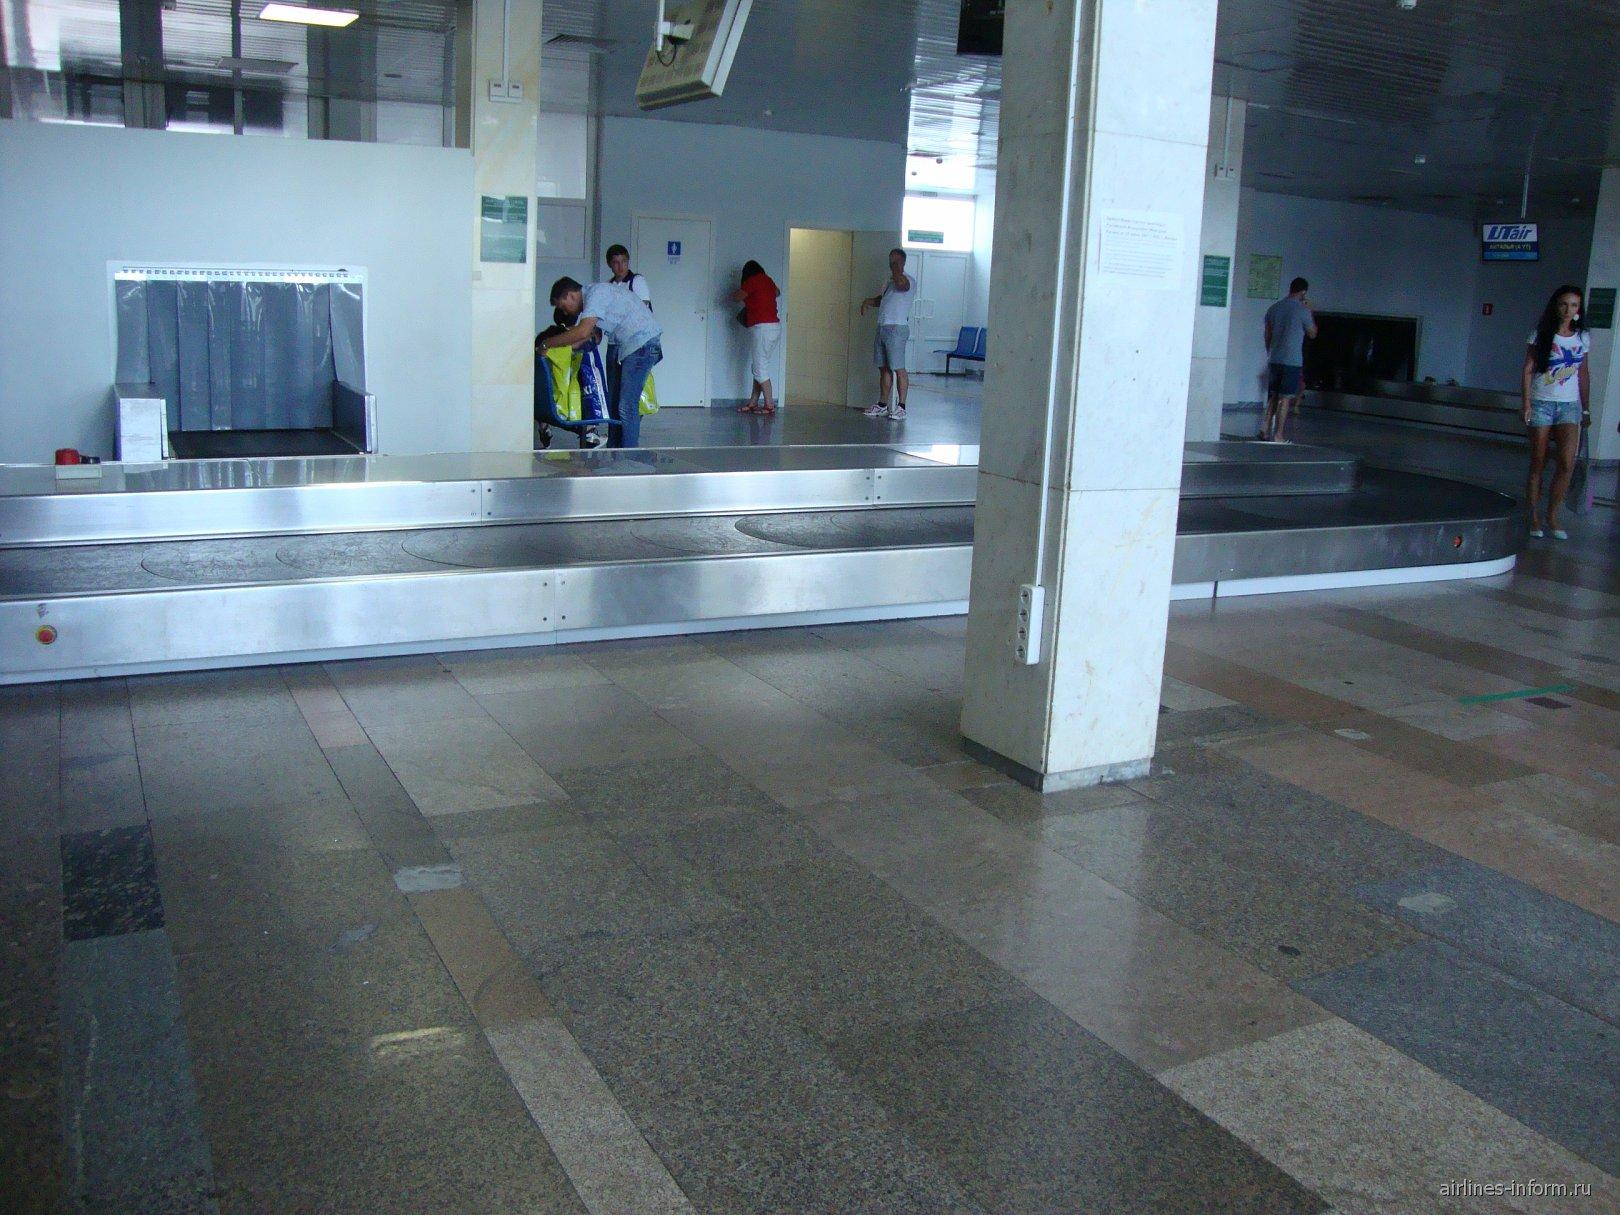 Зал выдачи багажа в аэропорту Ростов-на-Дону